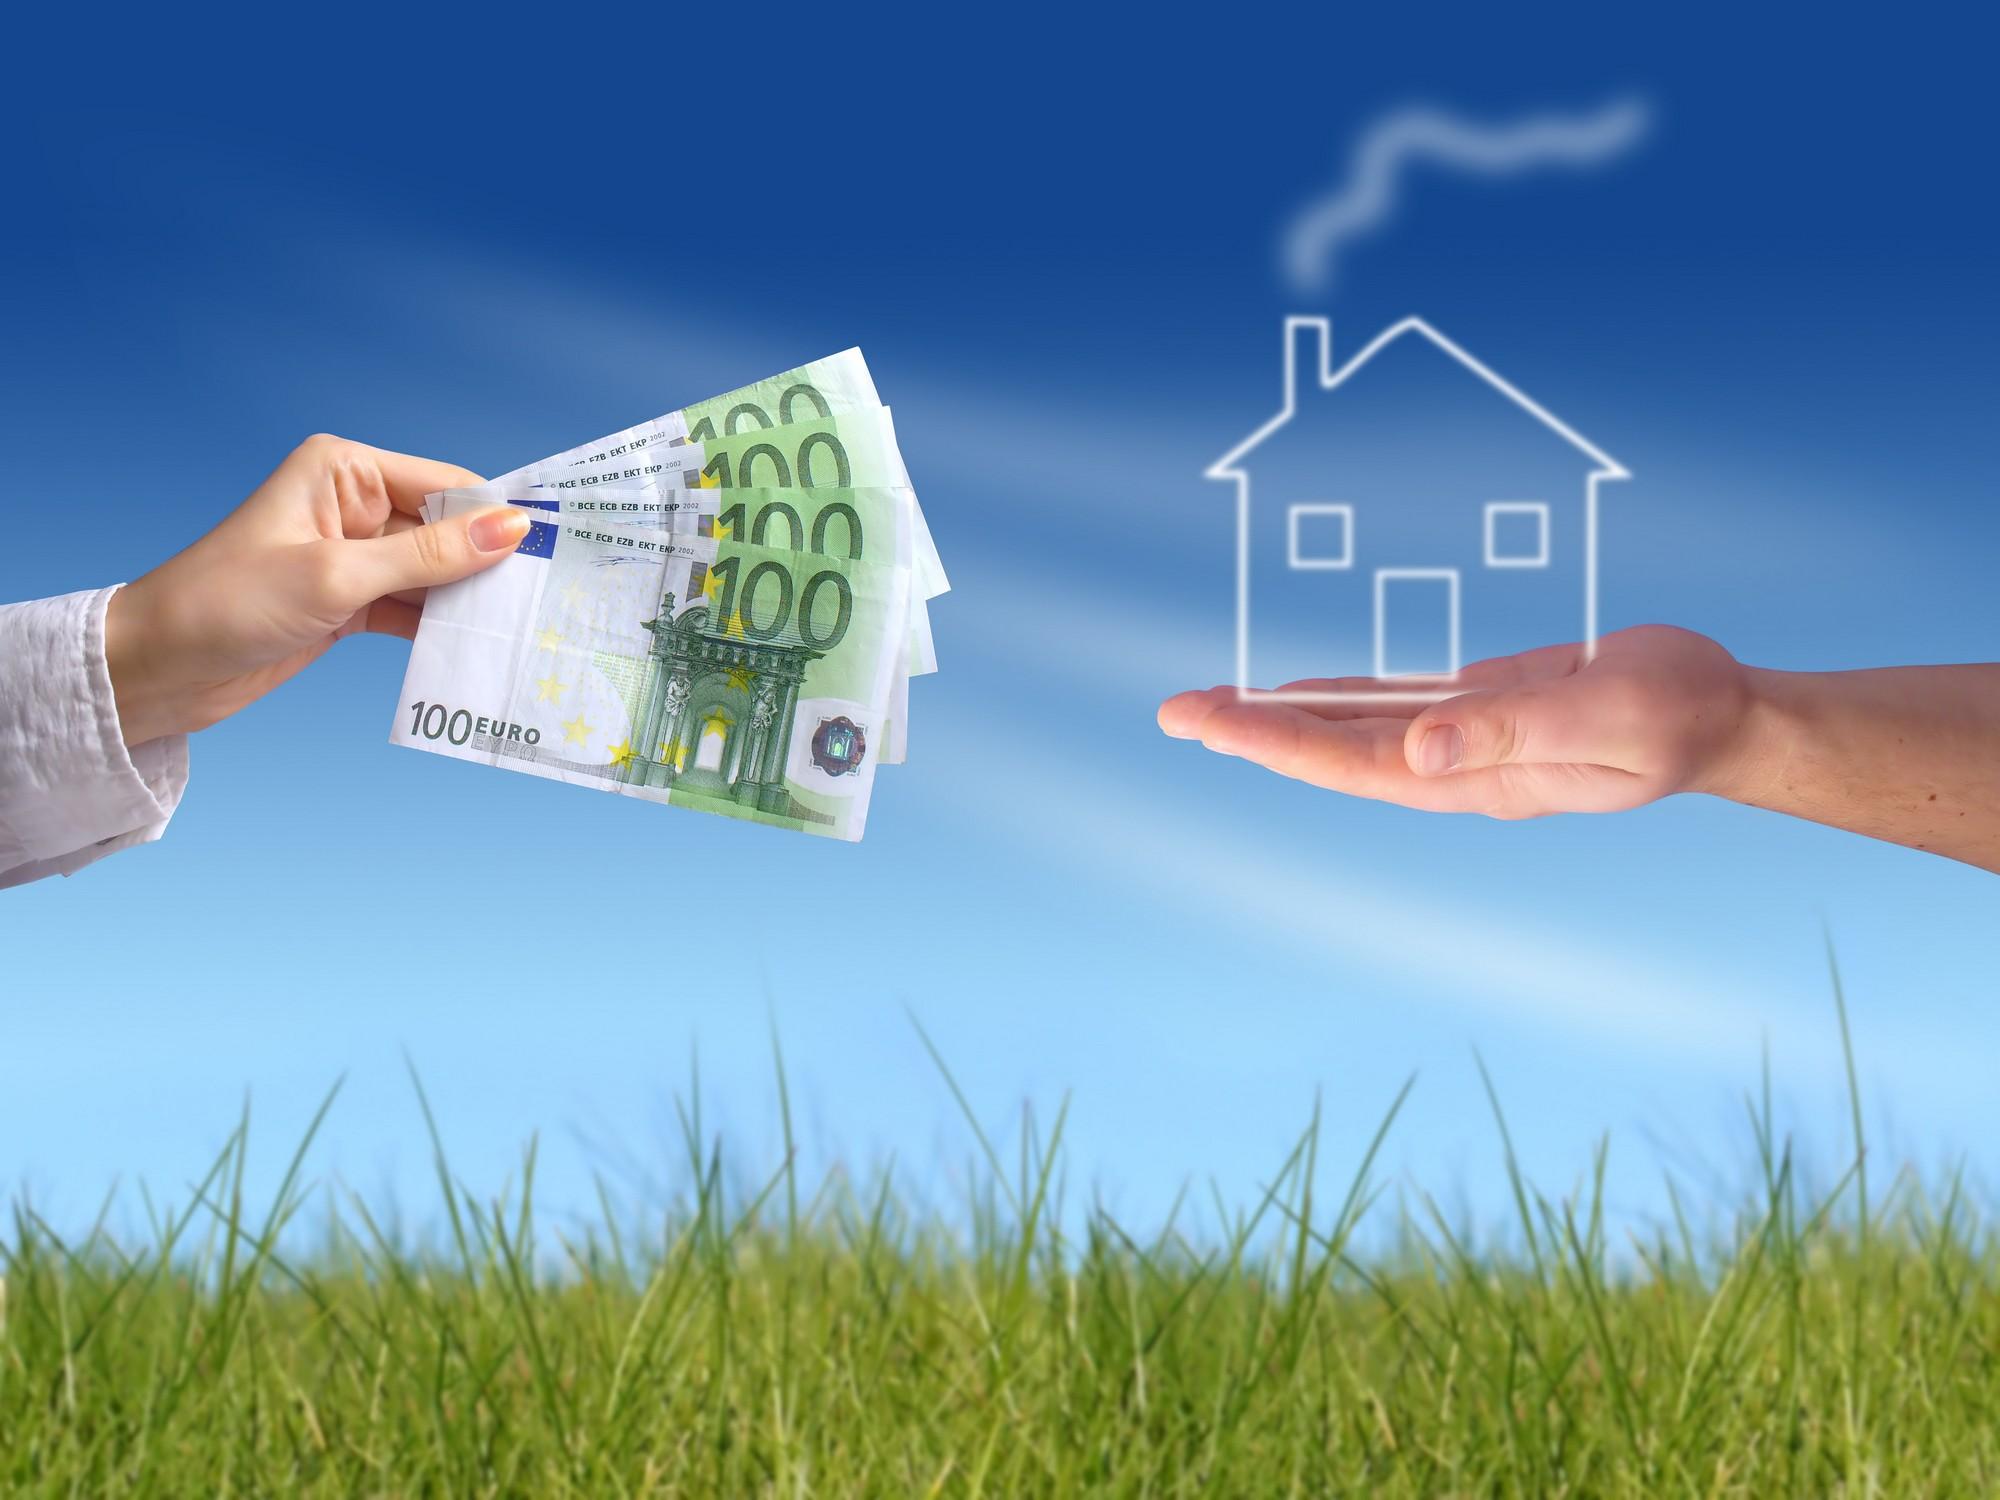 Vente maison : que faire avant tout ?